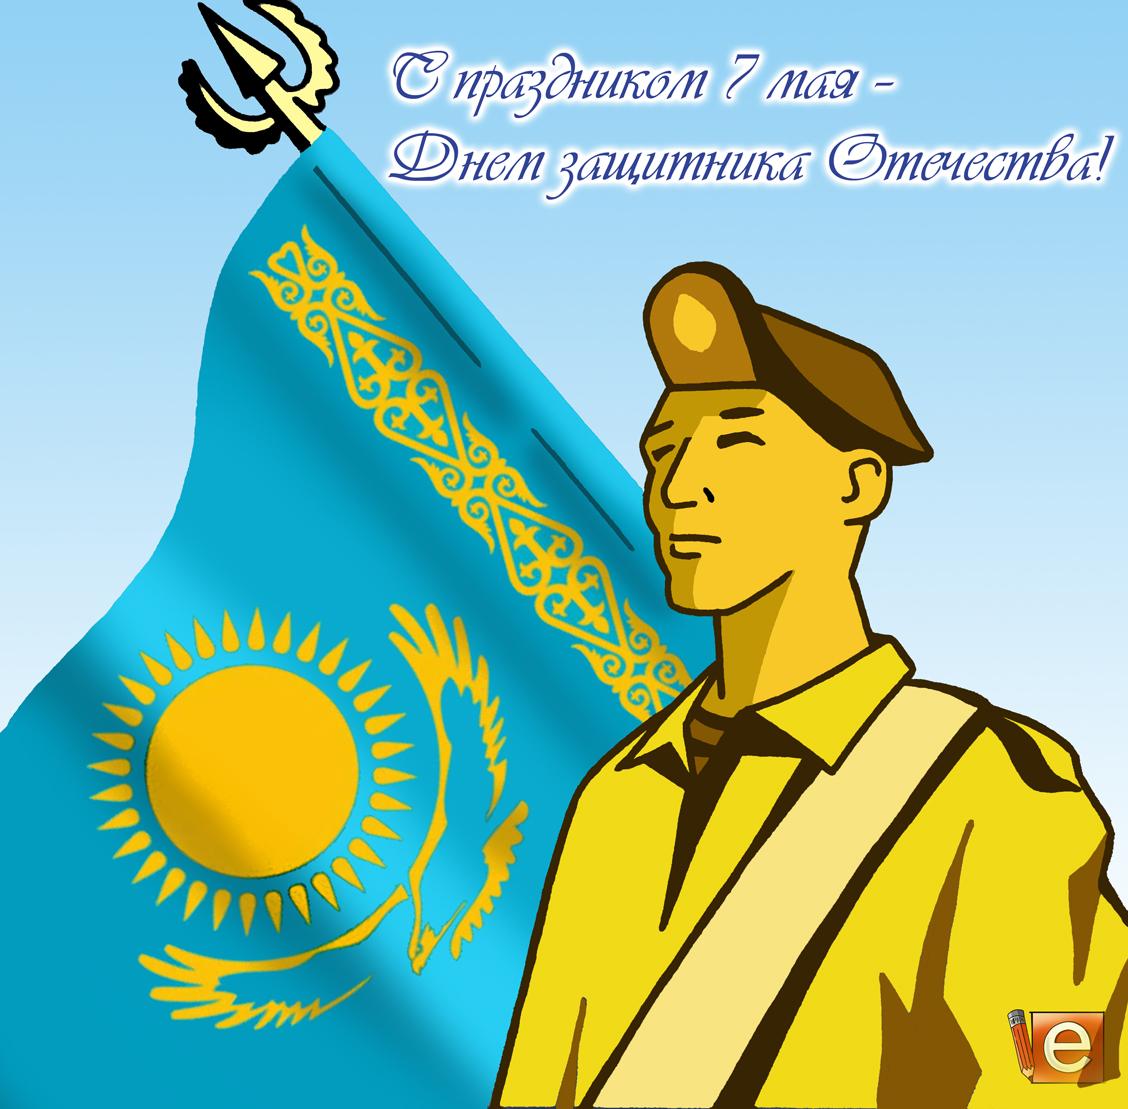 От всей души поздравляю вас с днем защитника отечества!